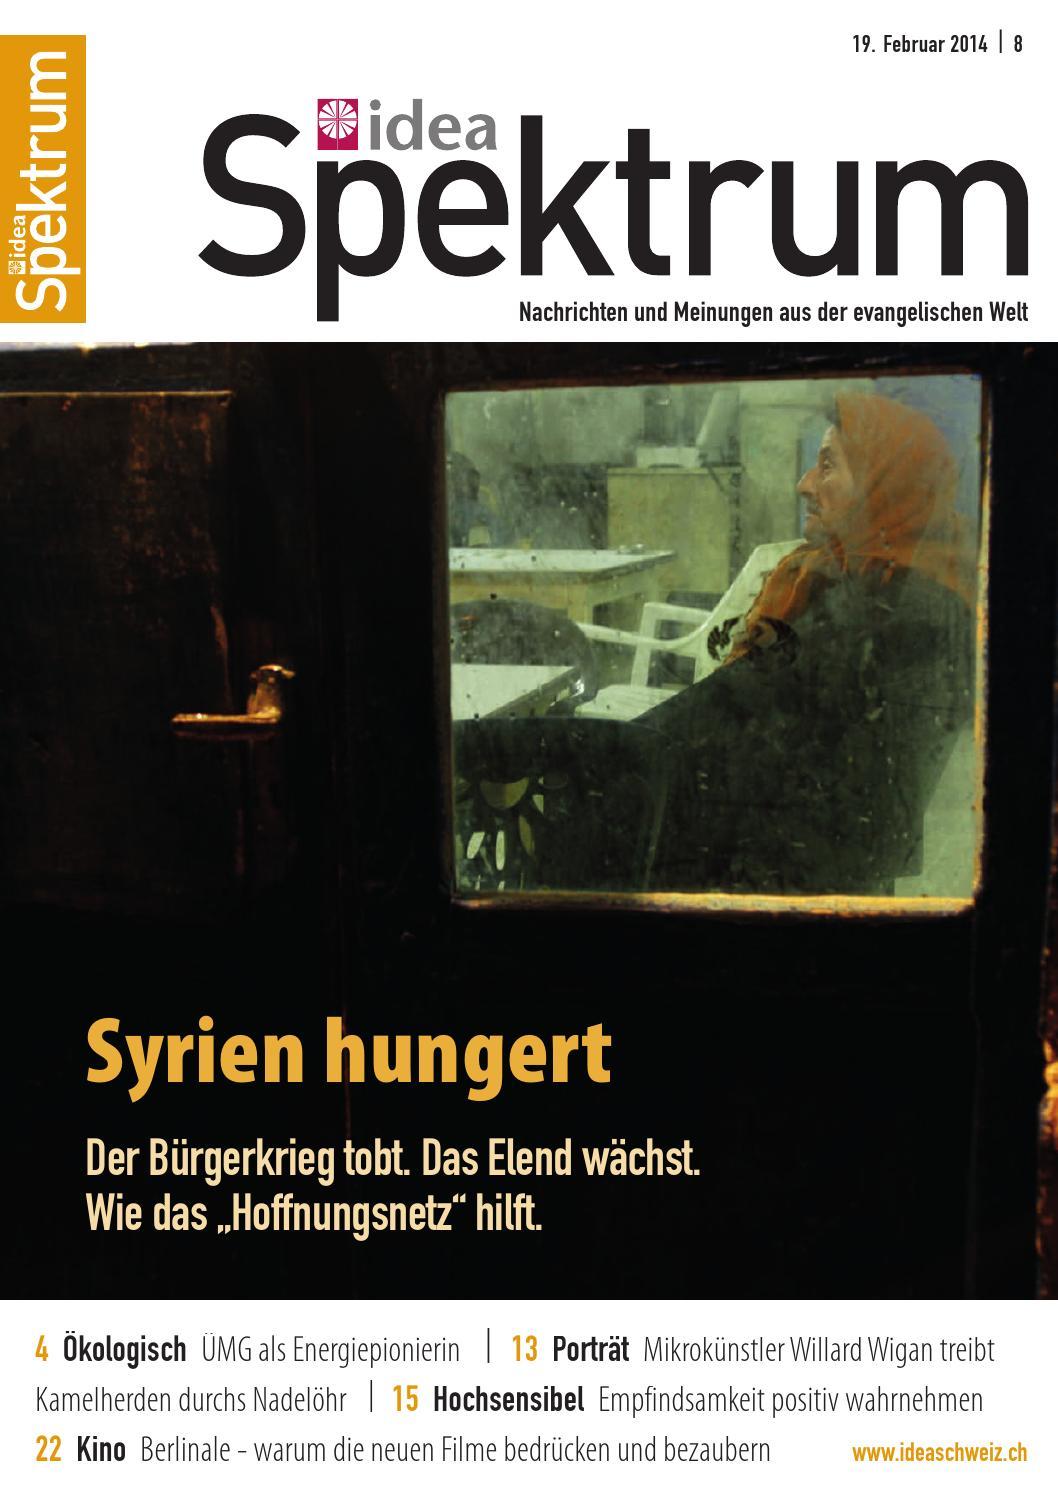 rztlicher Notdienst Issum - schulersrest.com